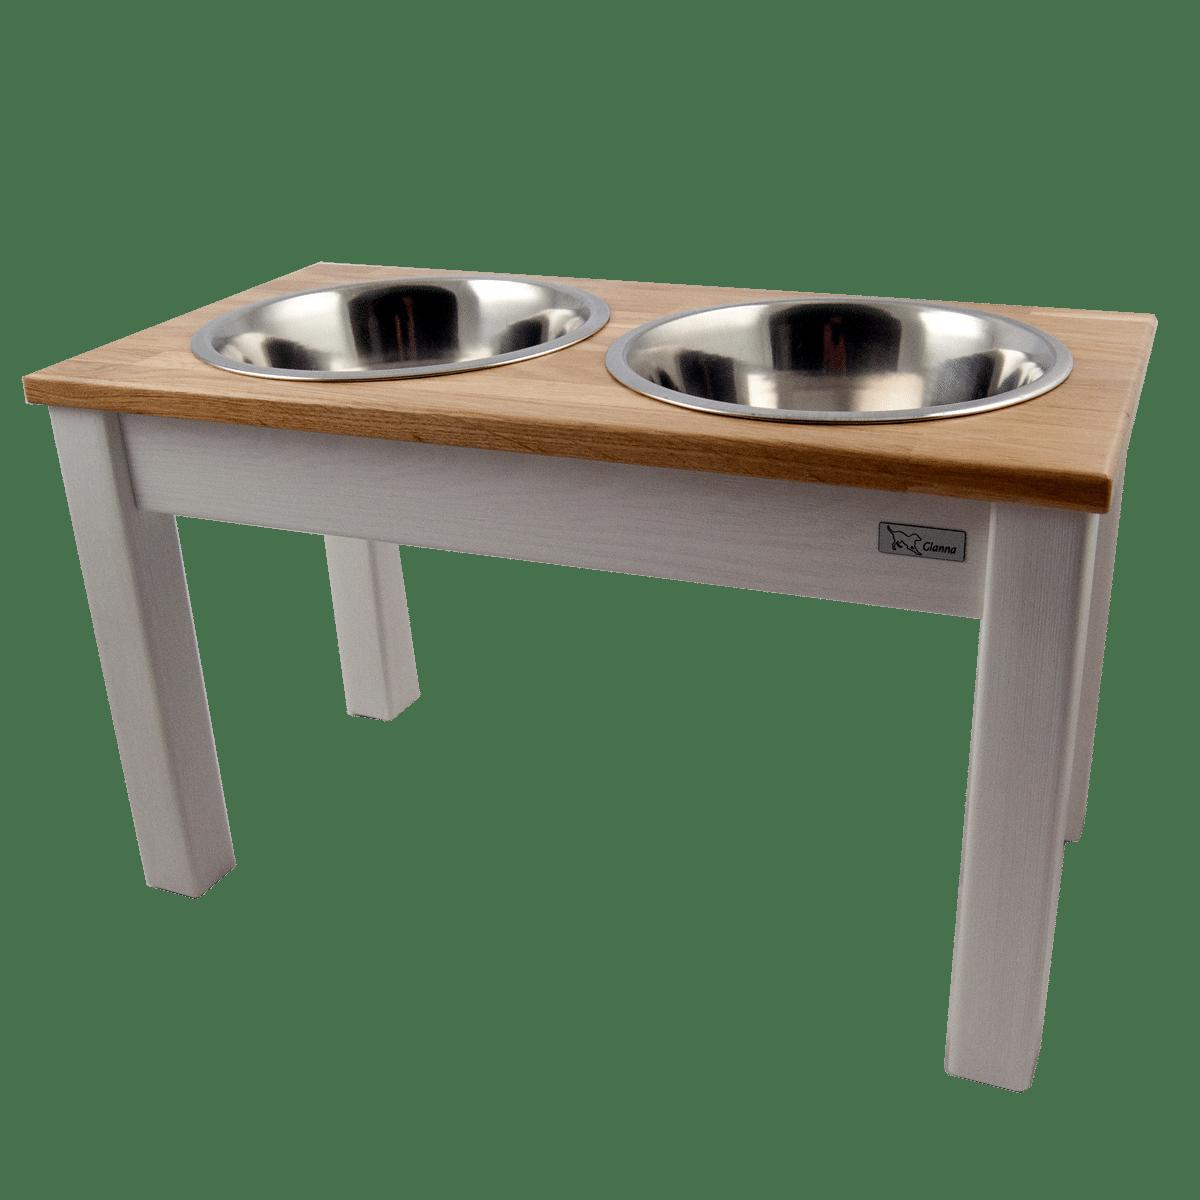 Elegant och stilren matbar i trä- även till den stora hunden